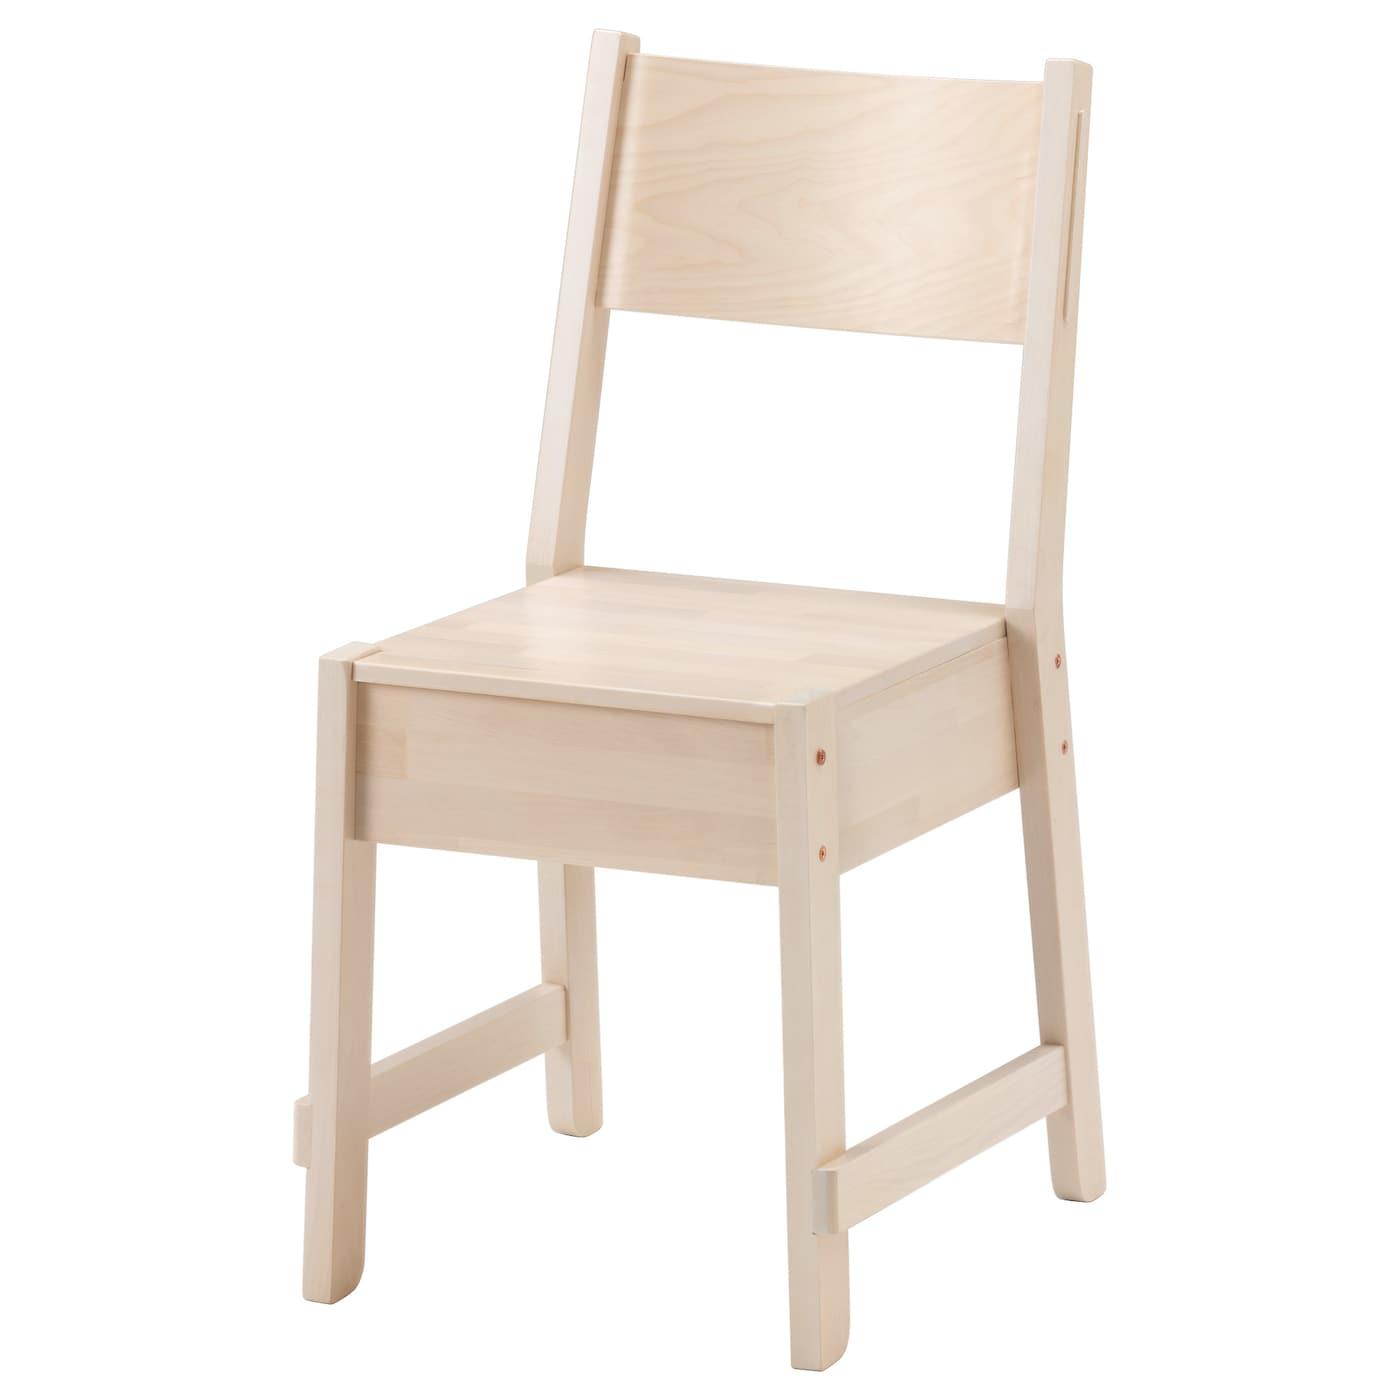 Sillas de Comedor | Compra Online IKEA